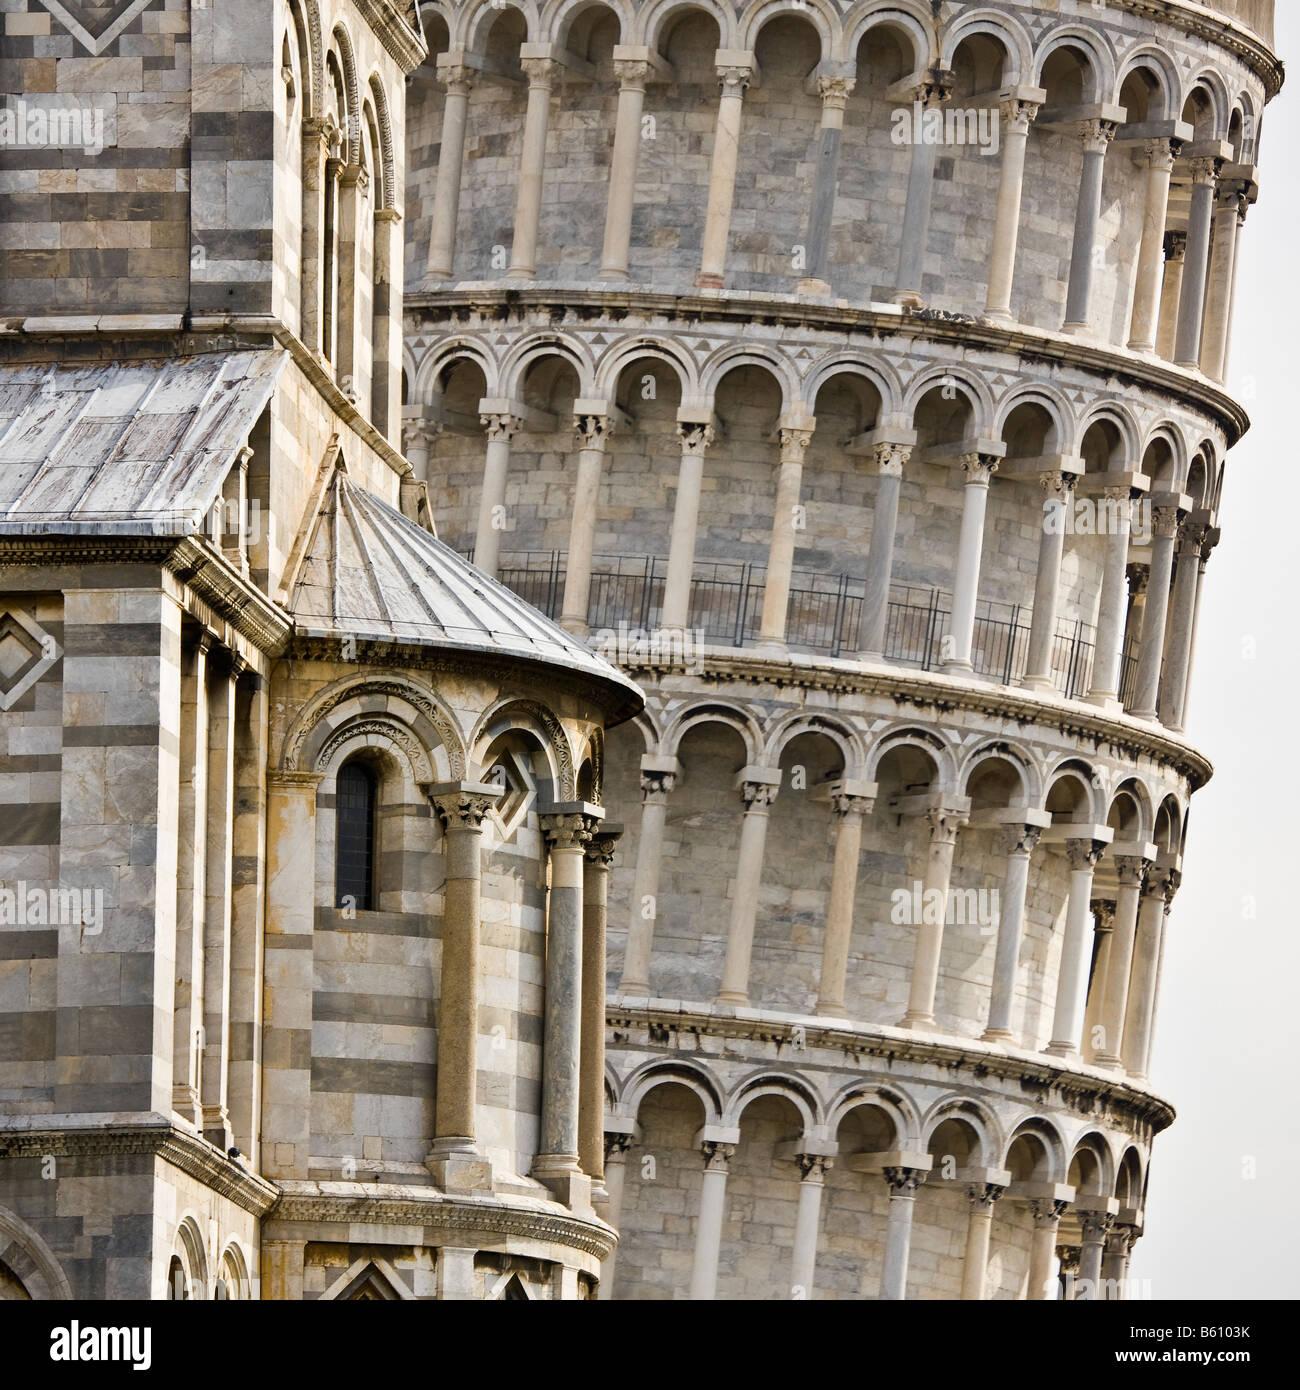 Cerca de la torre inclinada de Pisa, resaltando la intrincada arquitectura y diseño, Pisa, Italia Imagen De Stock